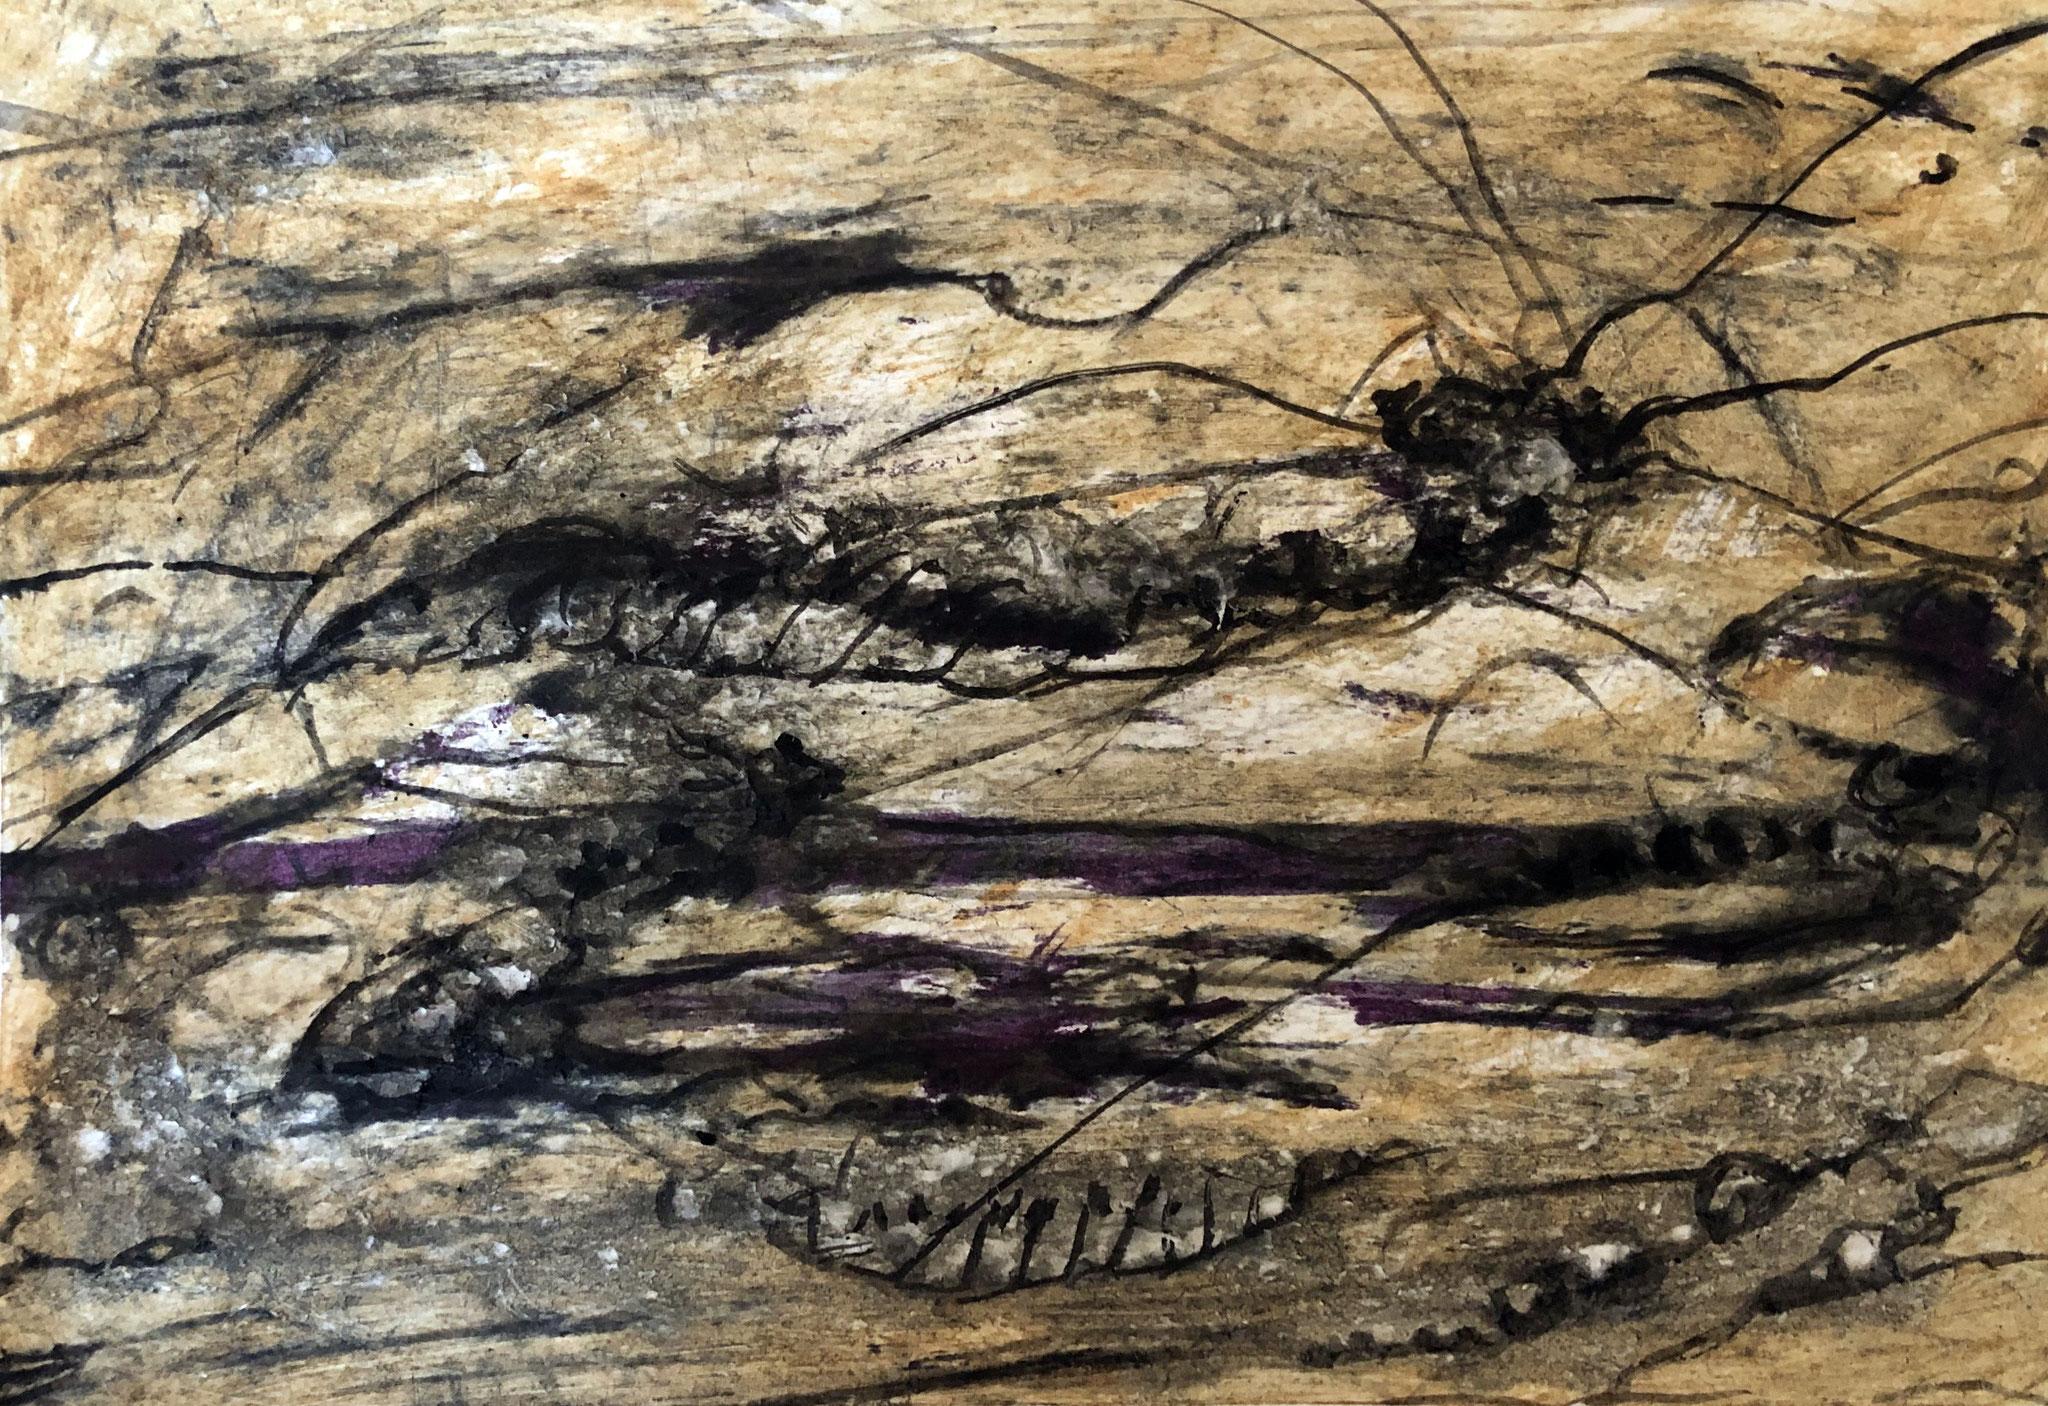 RETINTO I    Erden, Tintensekret vom Kalmar und Olivensaft auf Papier - 21 x 29 cm